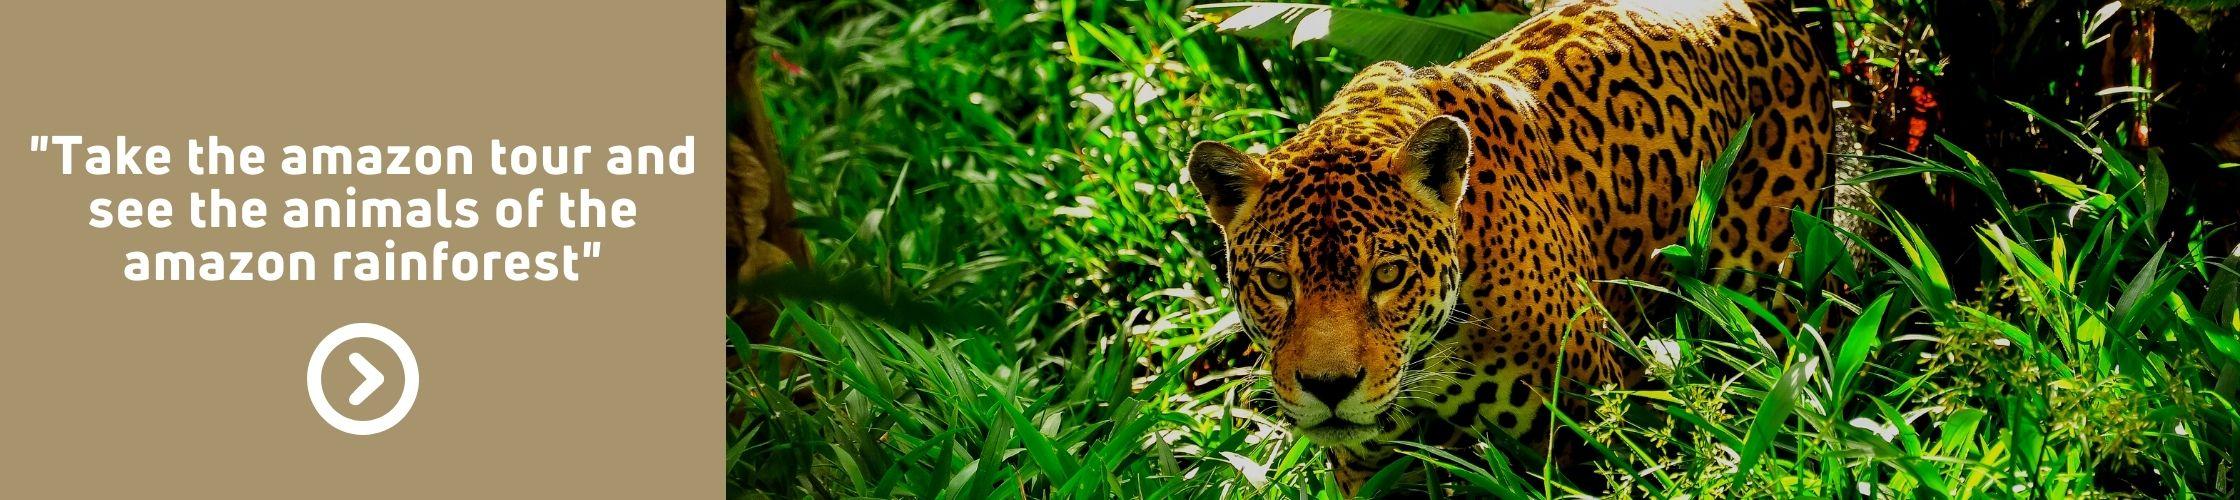 Ruta del río Amazonas   Tours por el Amazonas